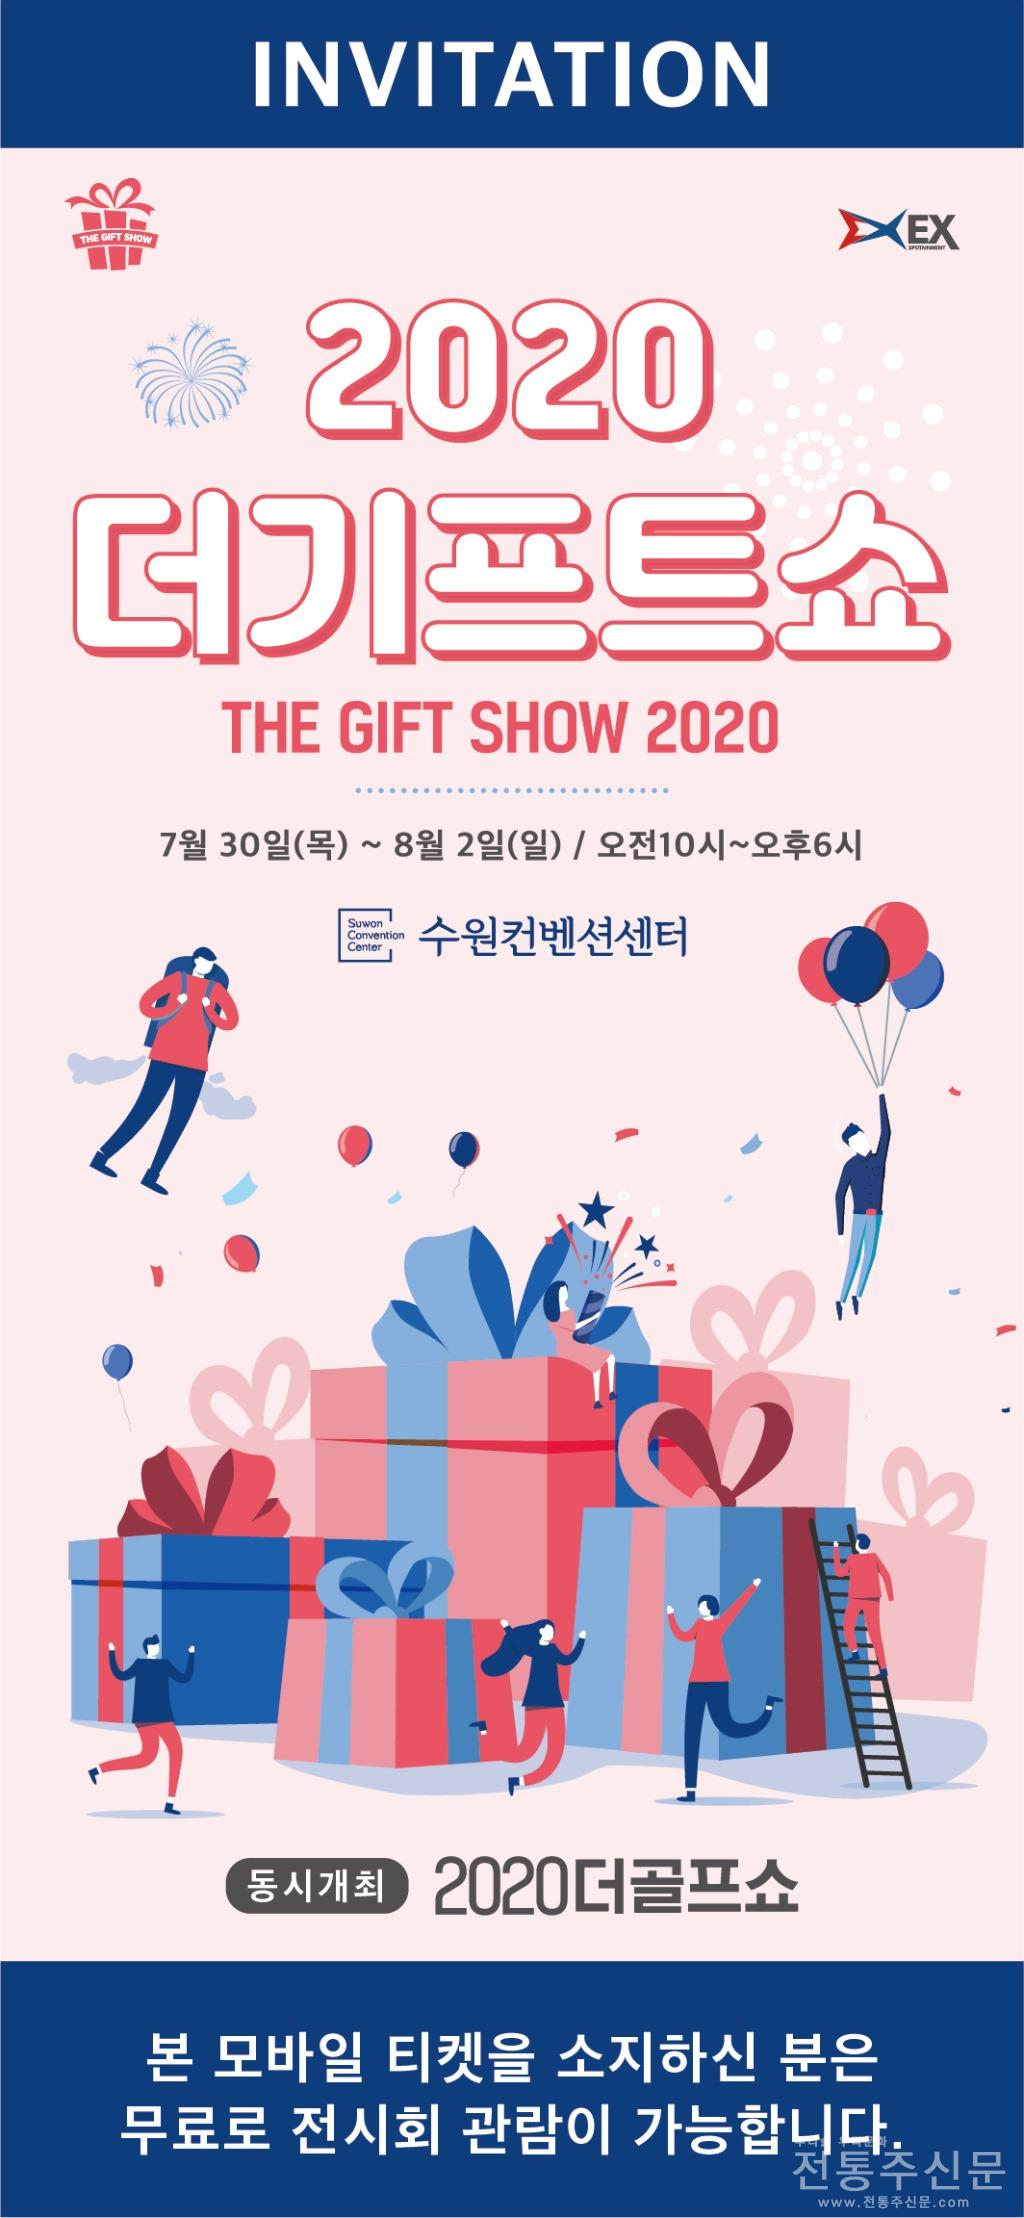 2020 더기프트쇼' 시즌1 수원컨벤션센터에서 7월 30일 개최.jpg